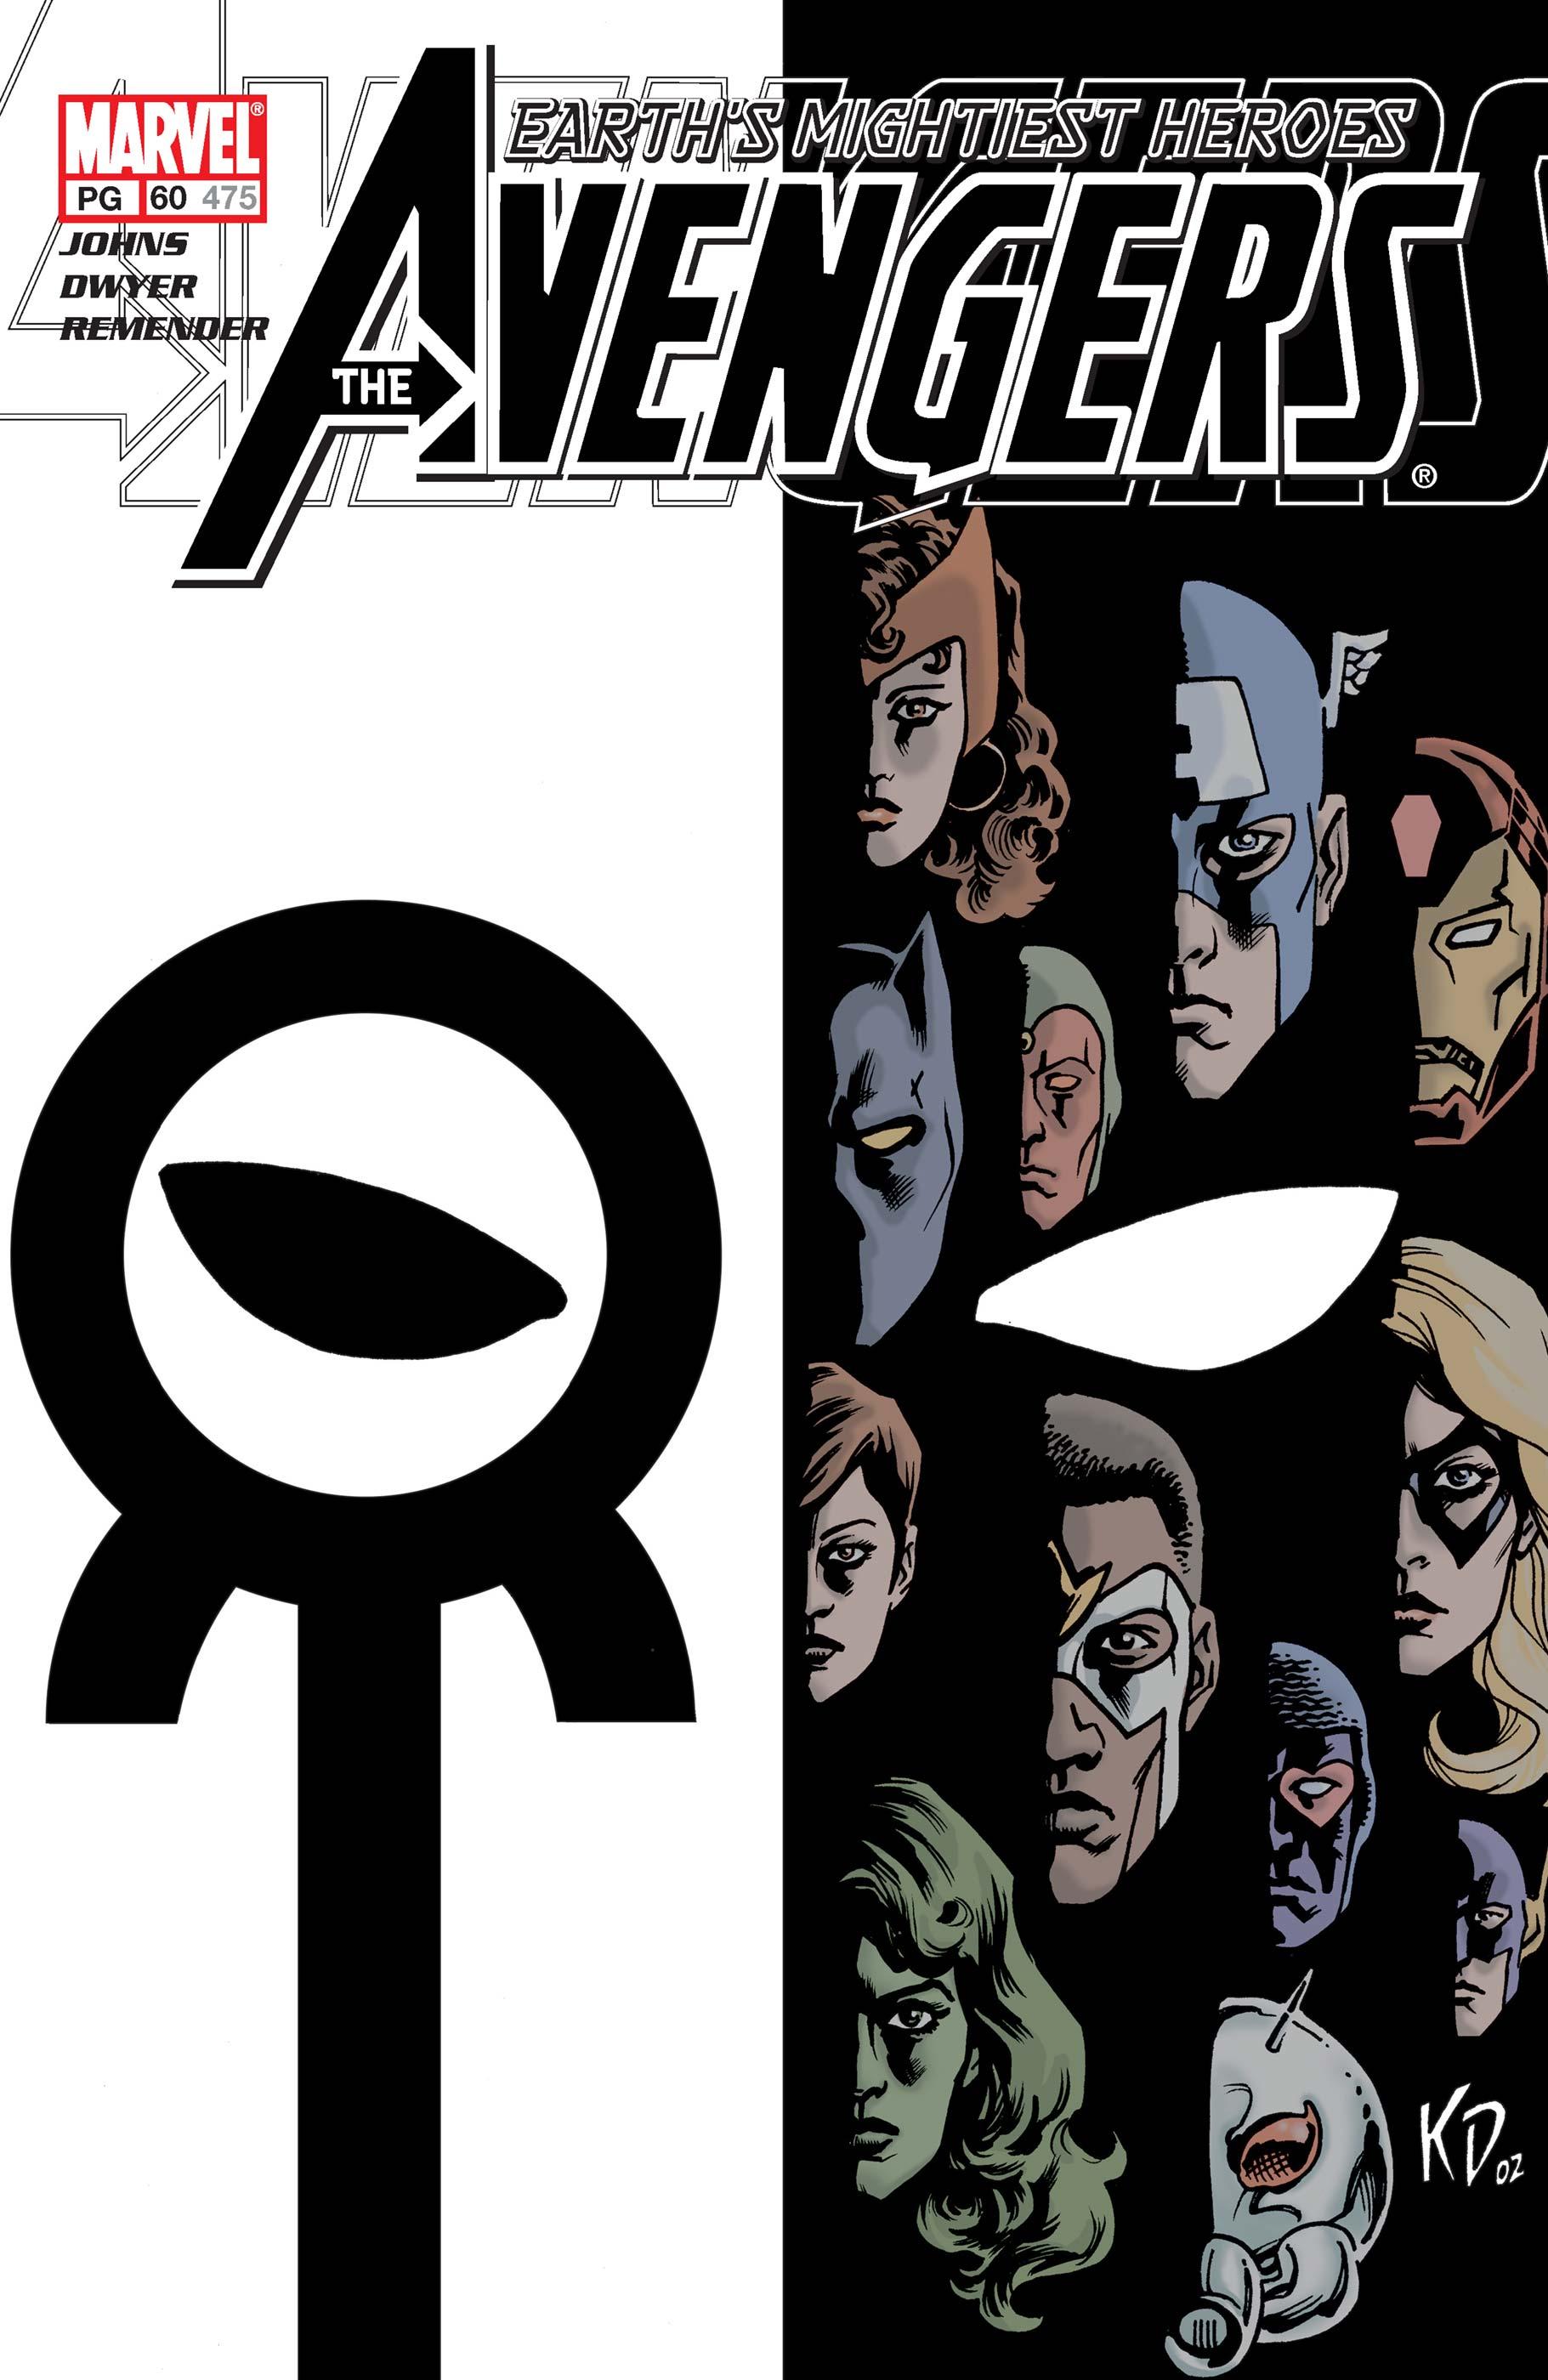 Avengers (1998) #60